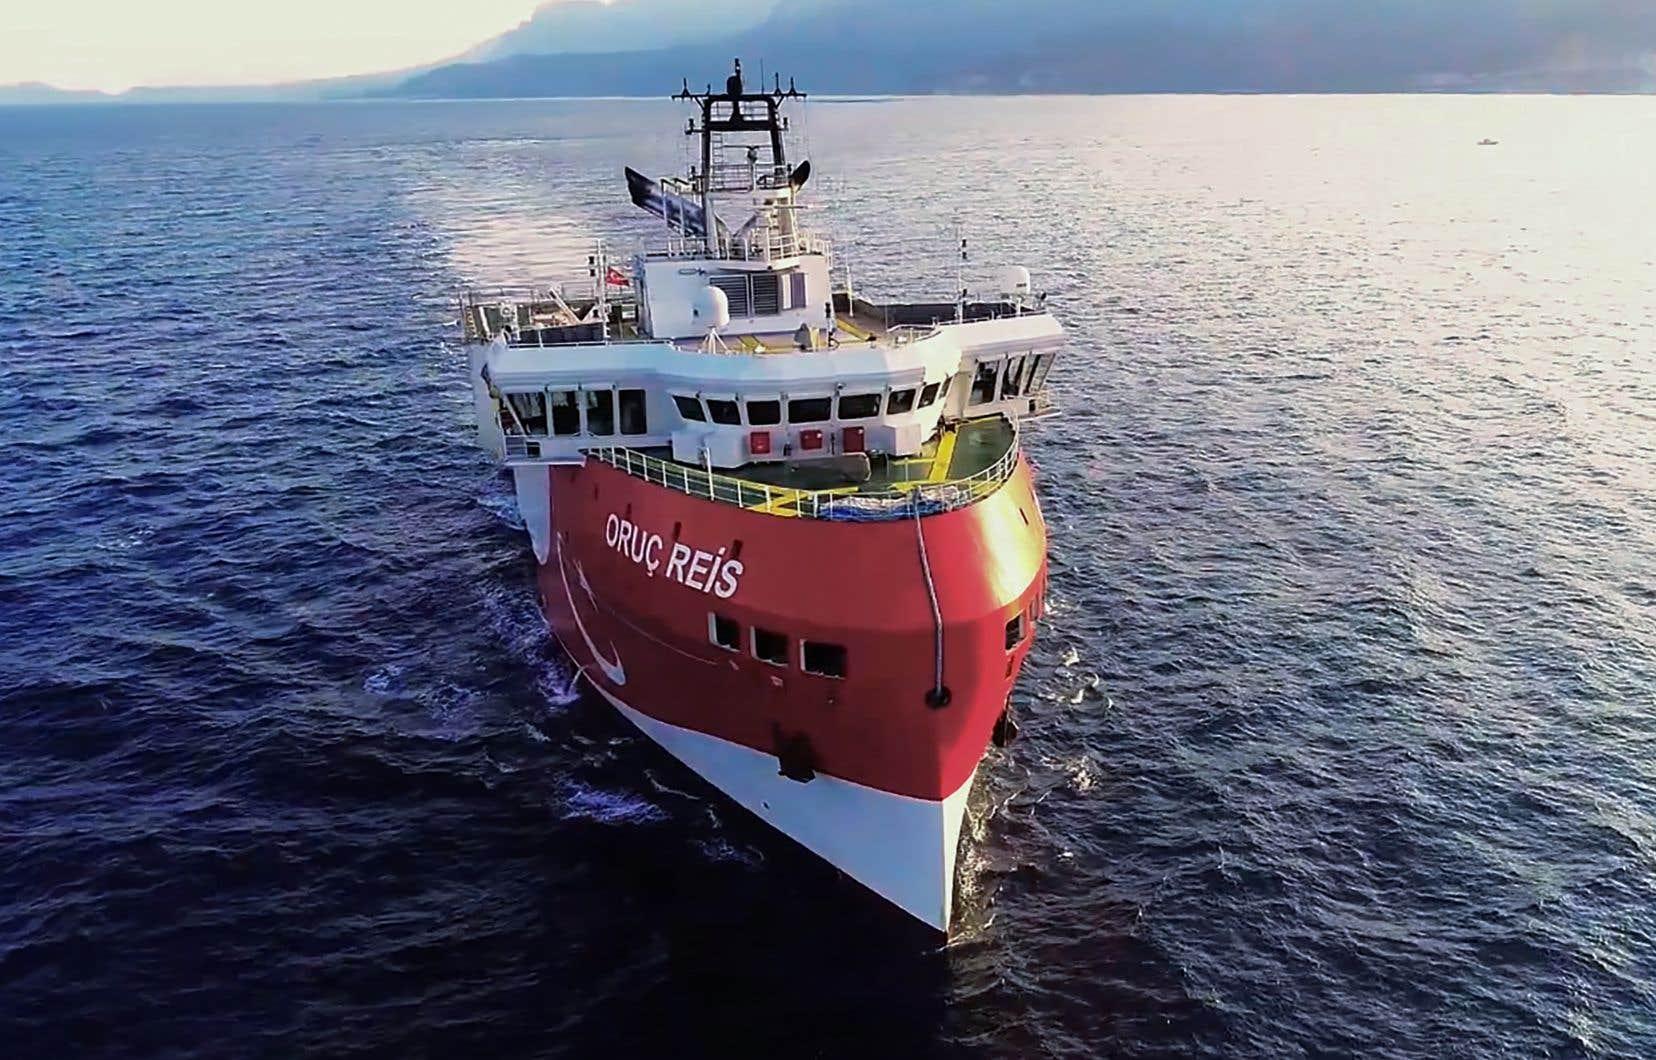 La Turquie a prorogé samedi jusqu'au 29 novembre la mission de l'<em>Oruc Reis</em>, dans une zone maritime qu'elle se dispute avec la Grèce, la découverte de vastes gisements gaziers y aiguisant les appétits.